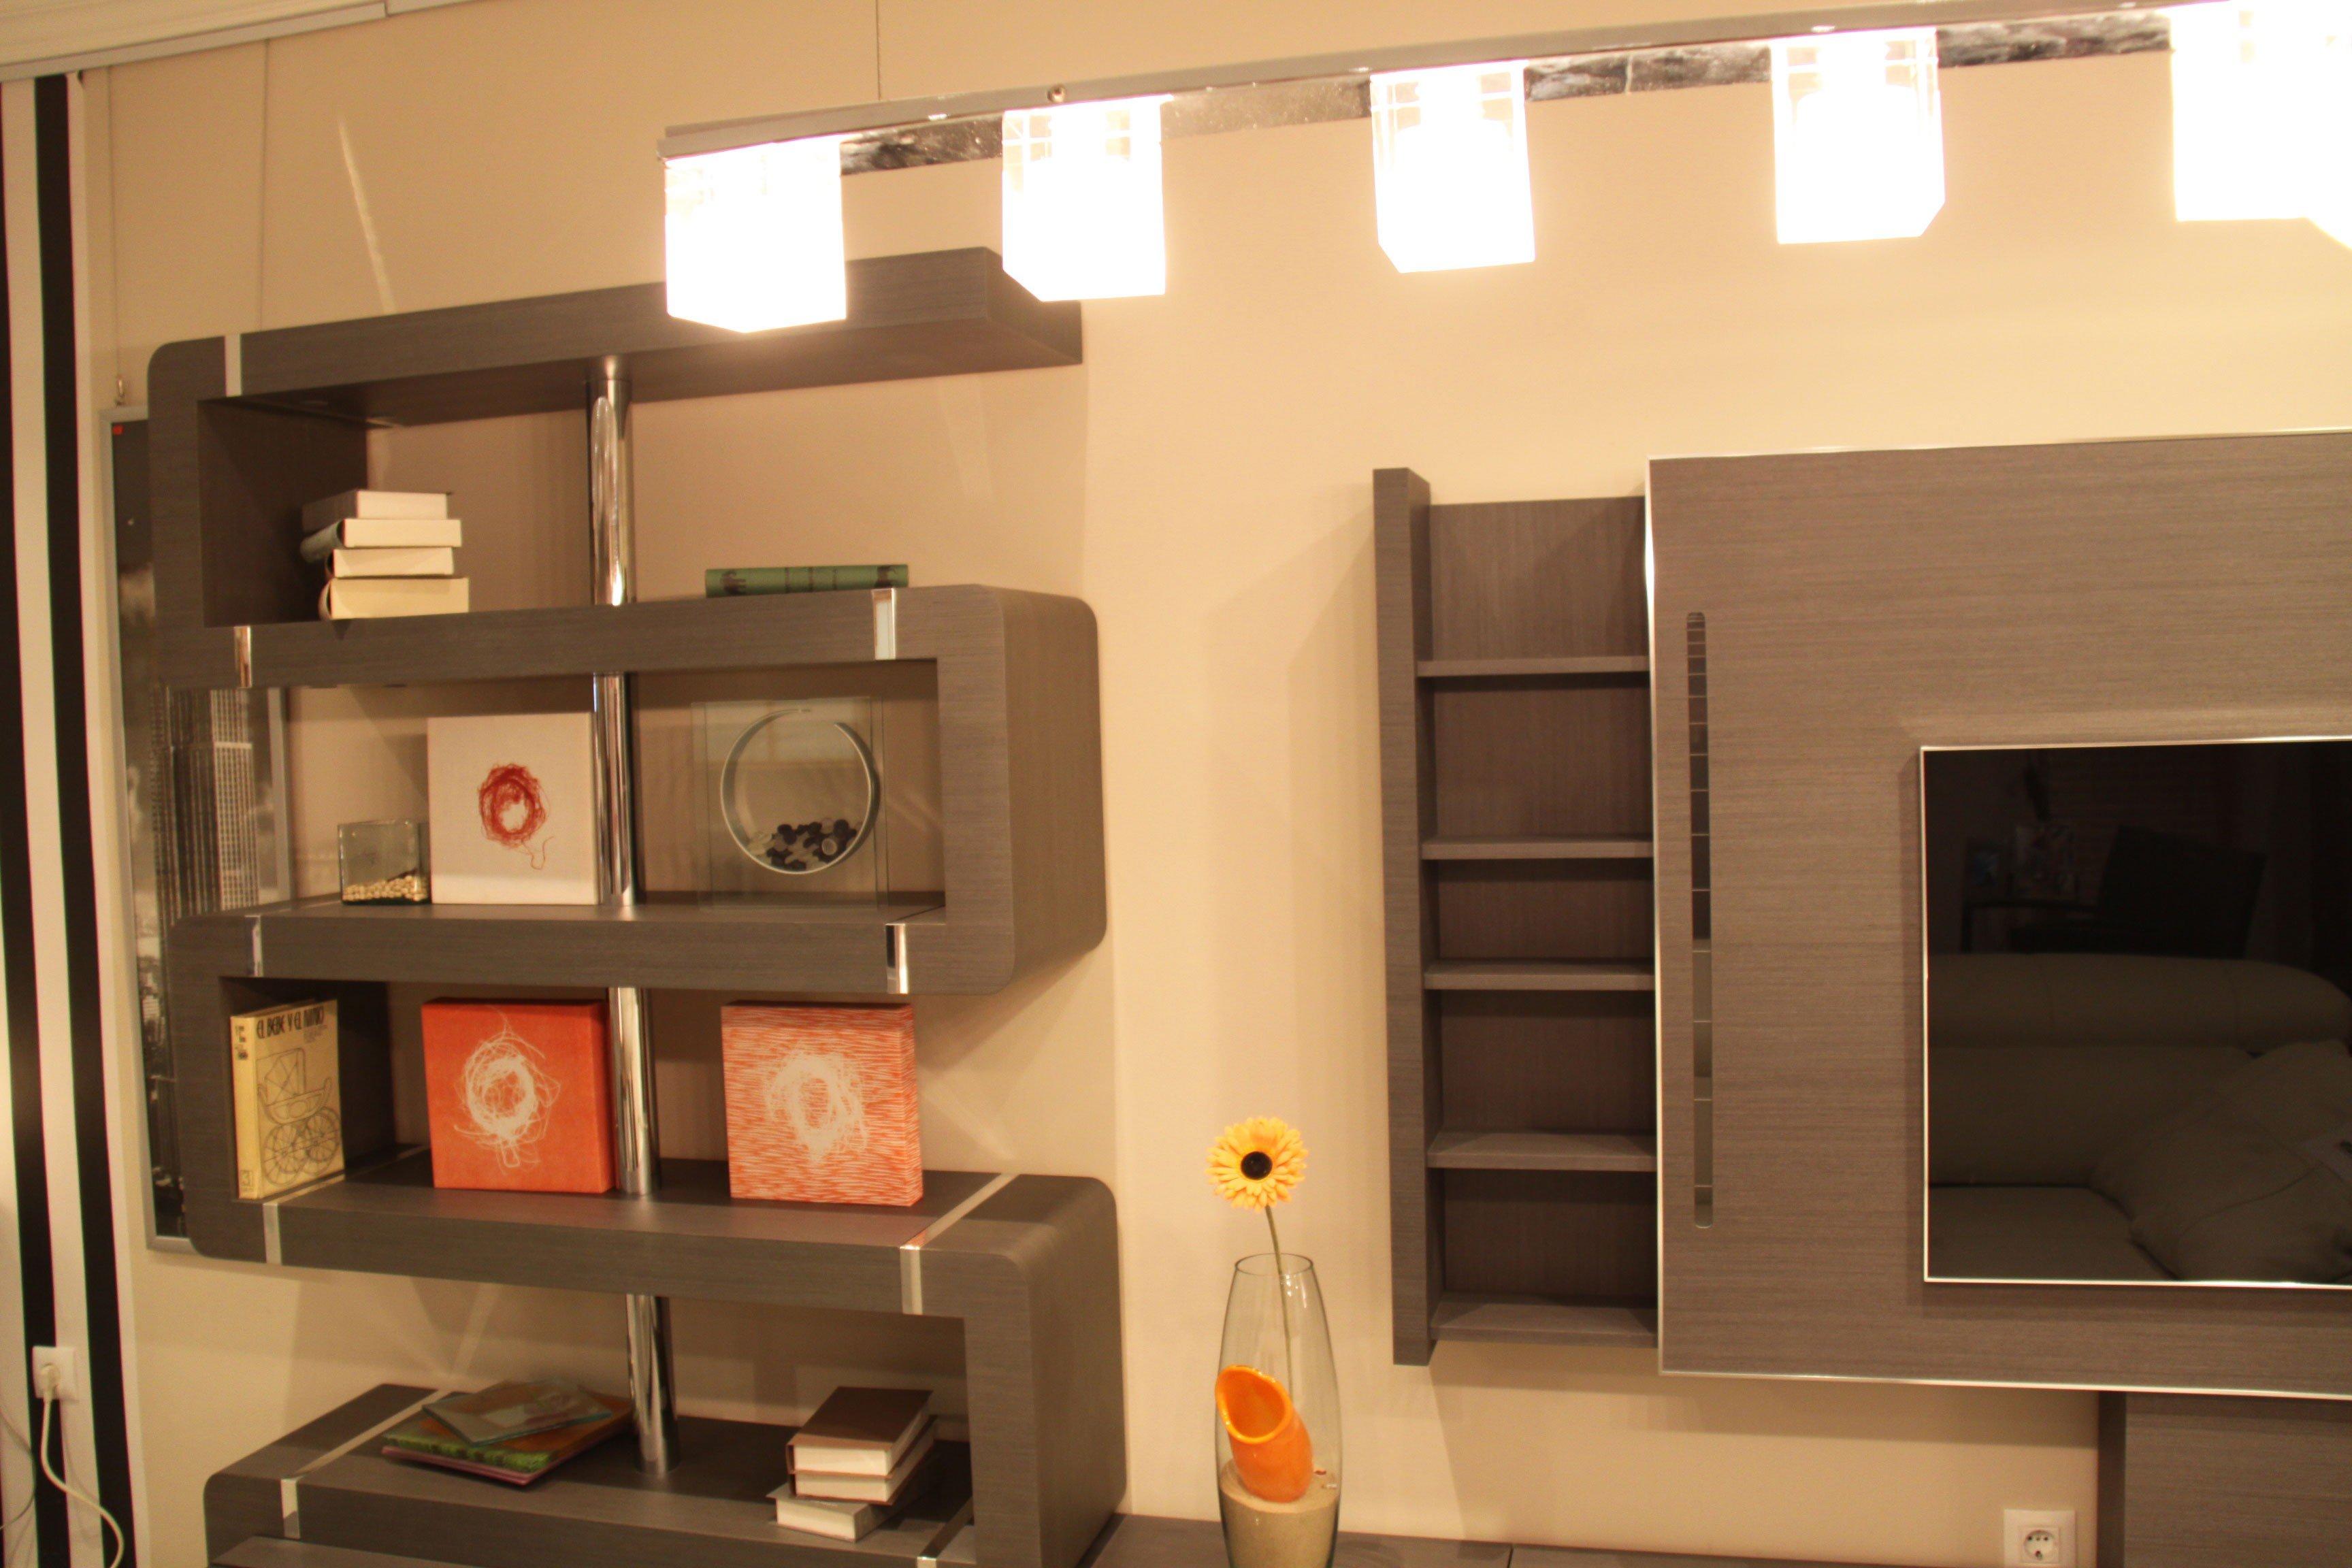 Tienda outluet de muebles derasa liquidaci n de comedores for Liquidacion muebles alicante